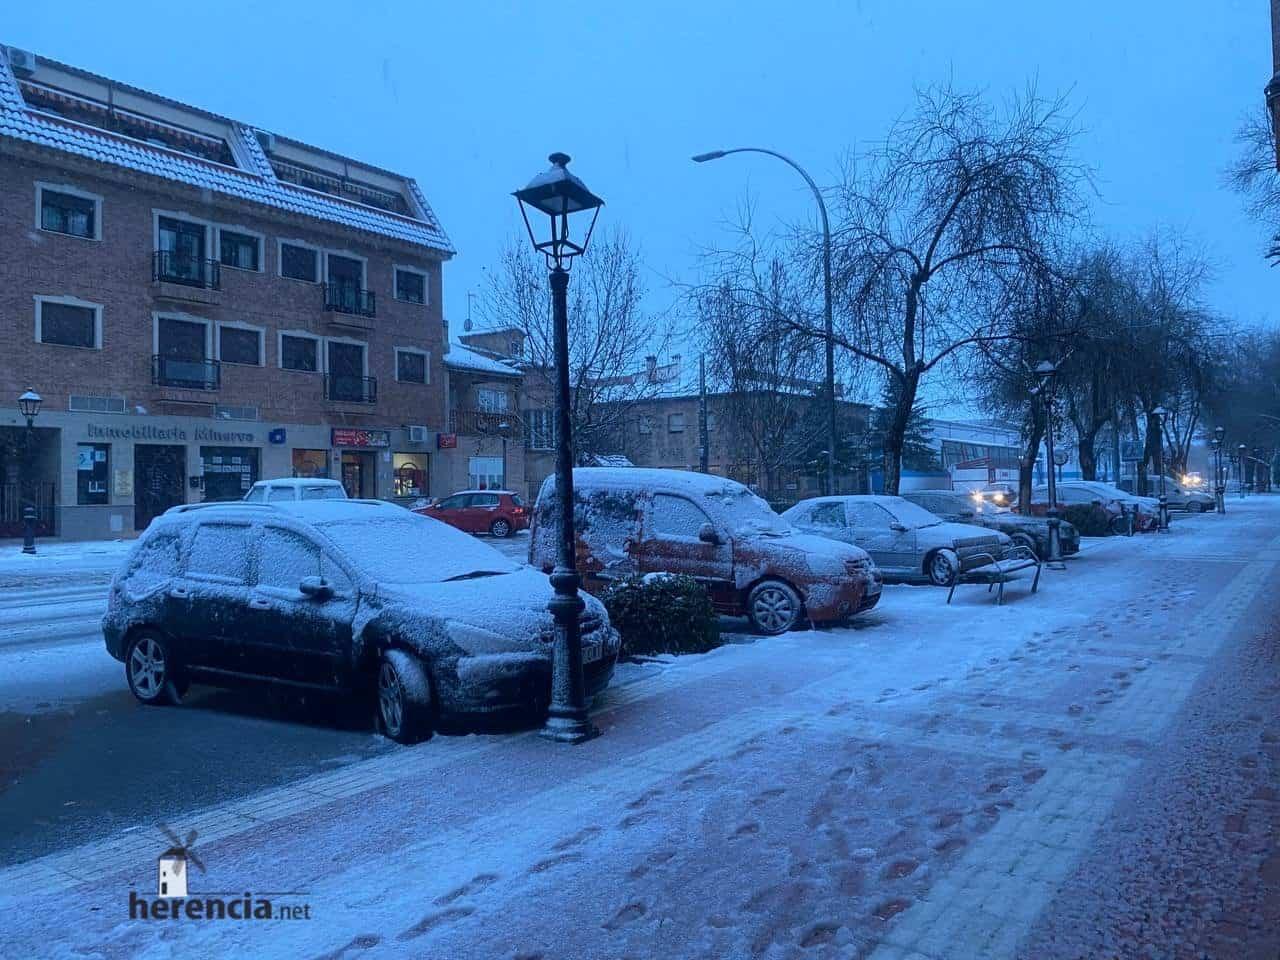 Fotografías de la nevada en Herencia (Ciudad Real) 62